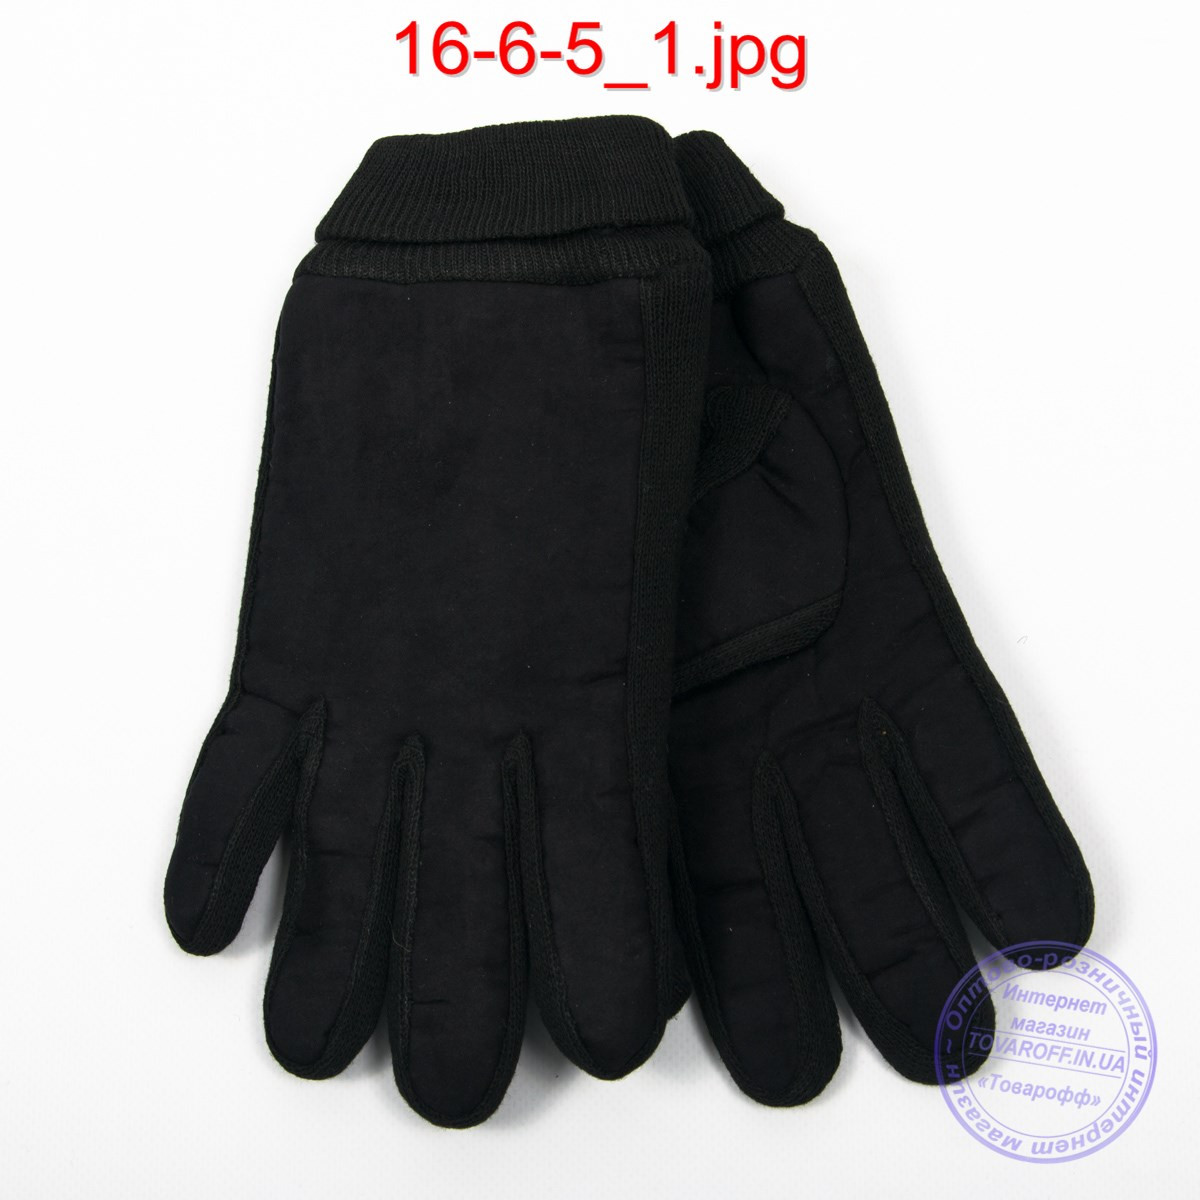 Оптом мужские велюрово-трикотажные перчатки черные - №16-6-5